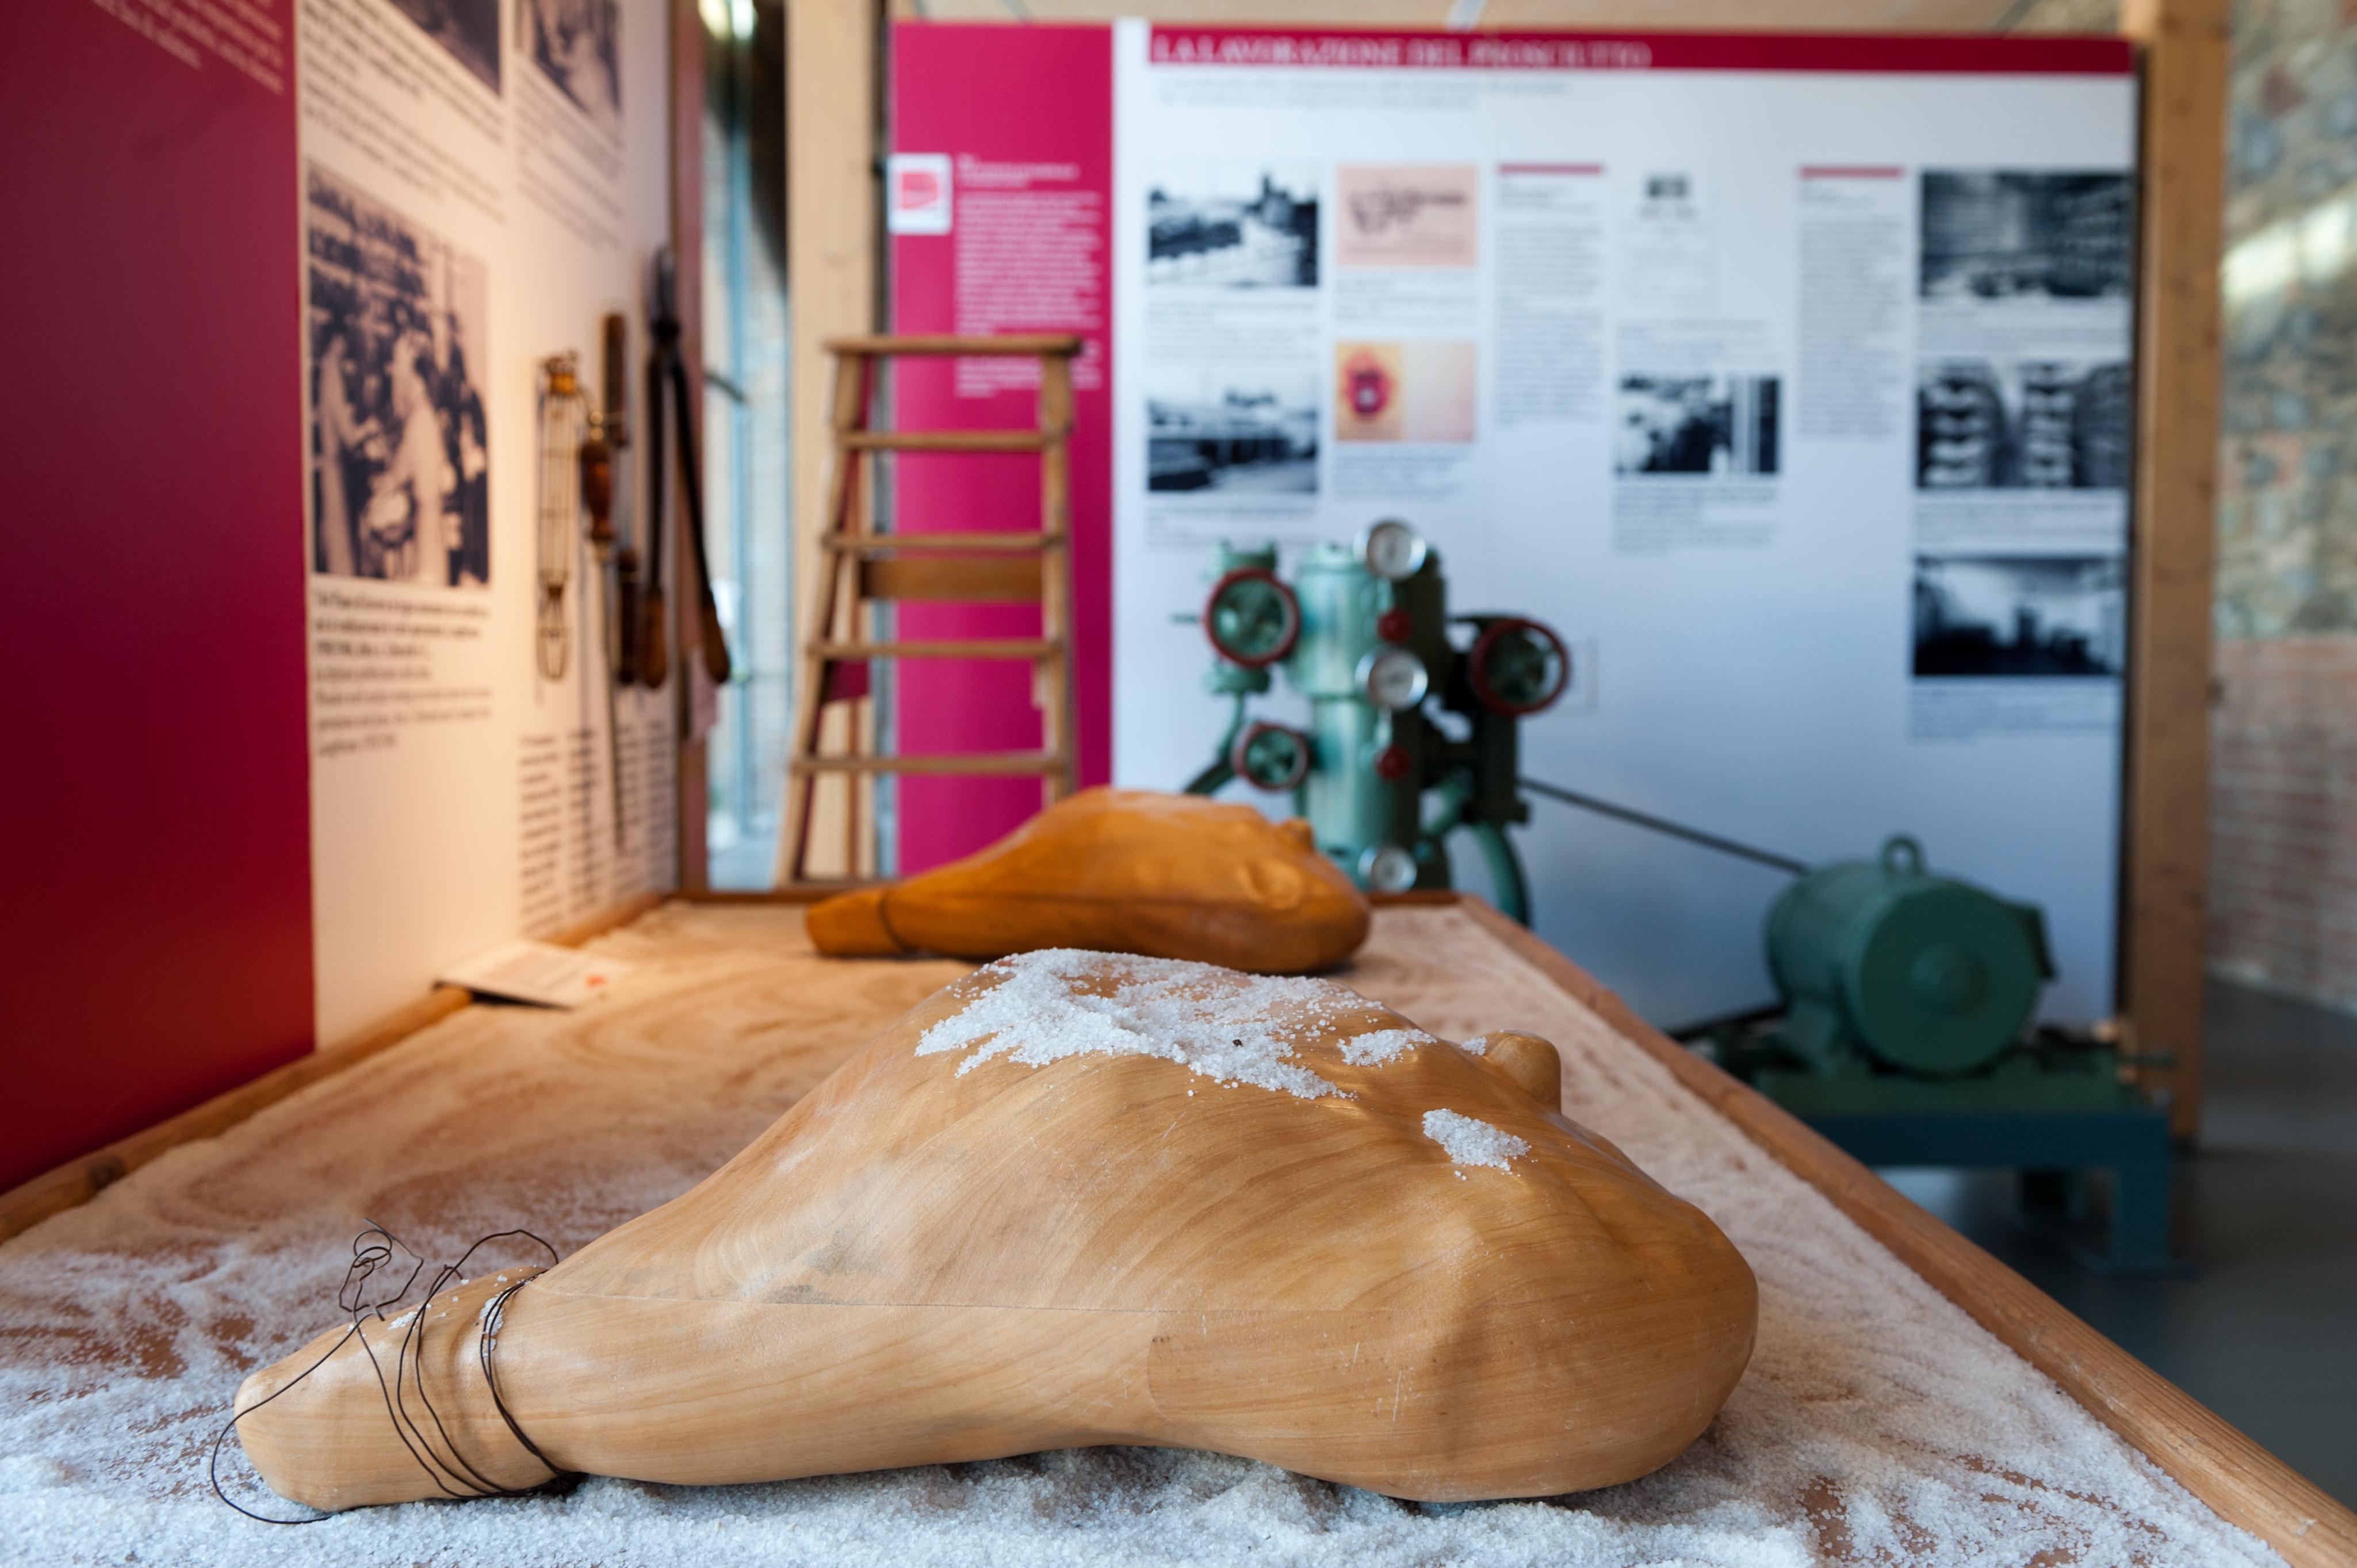 Museo del Prosciutto a Langhirano